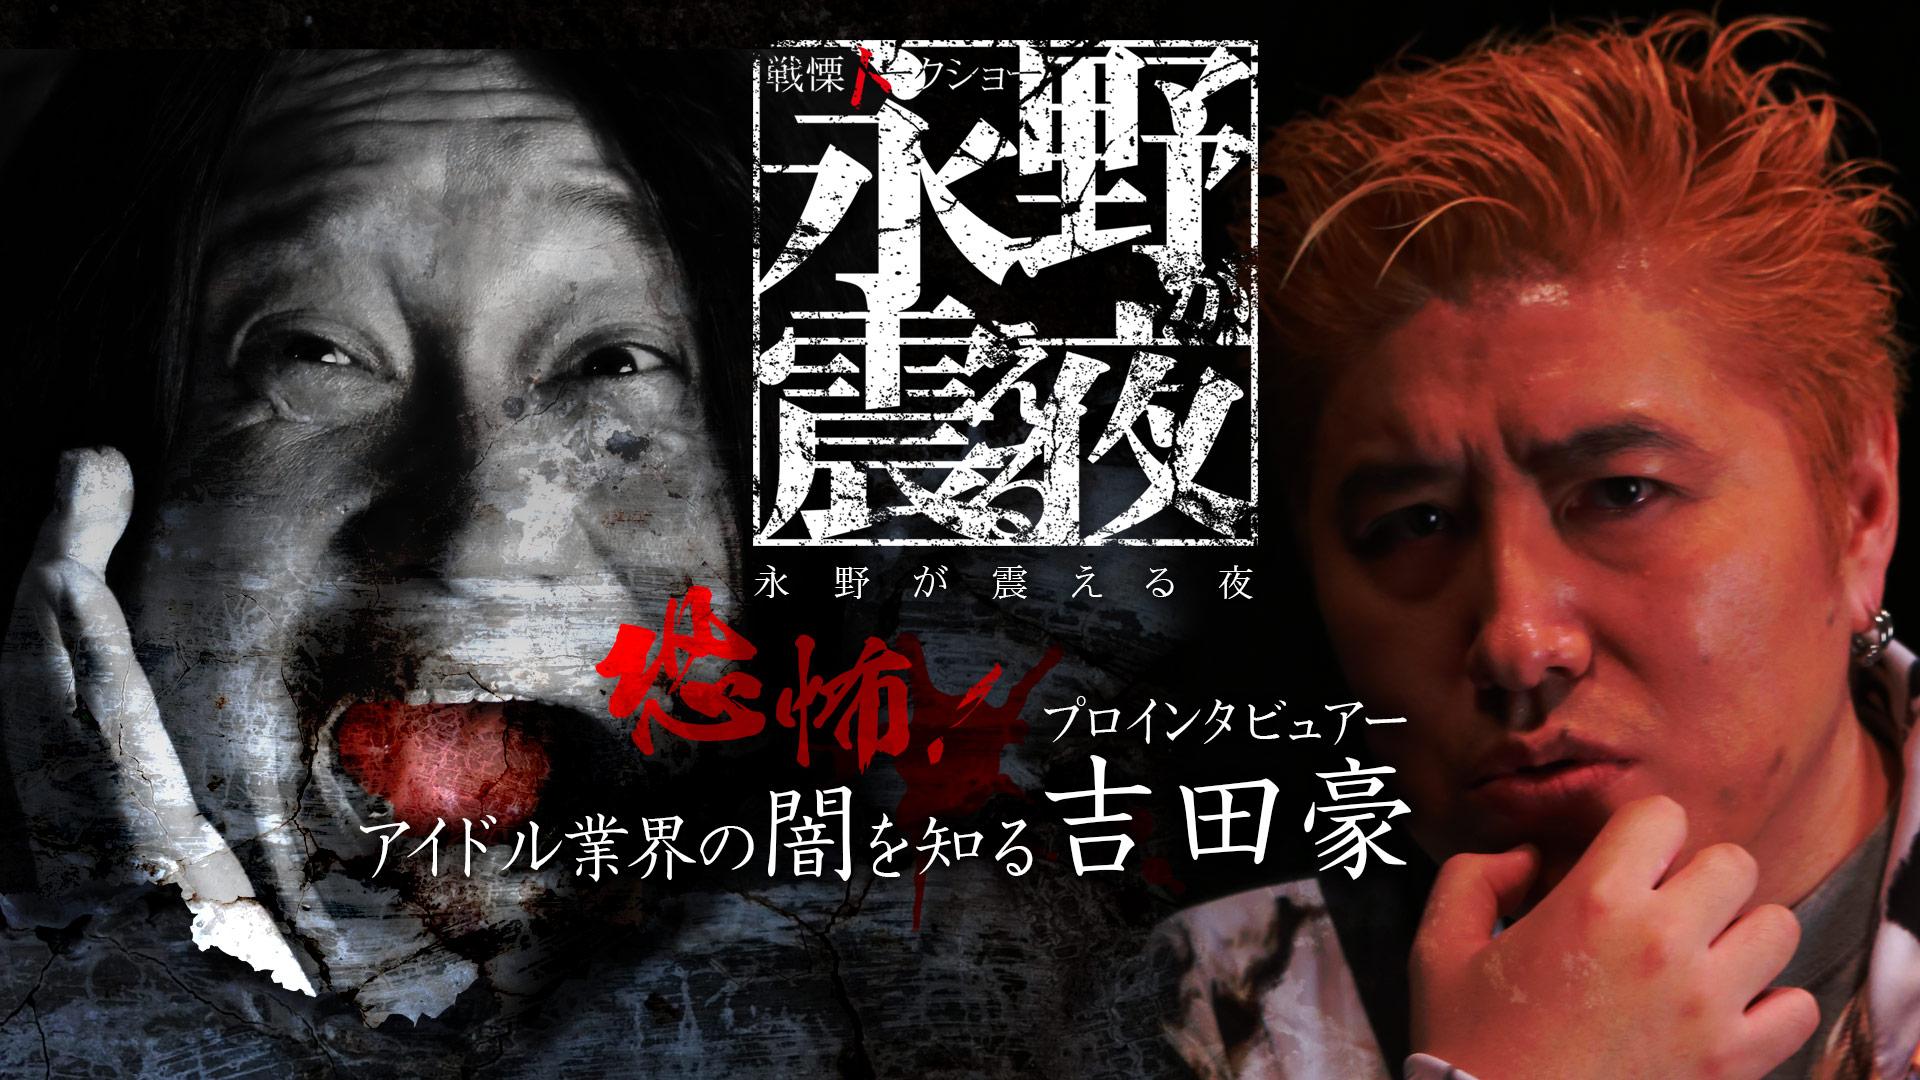 戦慄トークショー 永野が震える夜(9)~恐怖!アイドル業界の闇を知る吉田豪